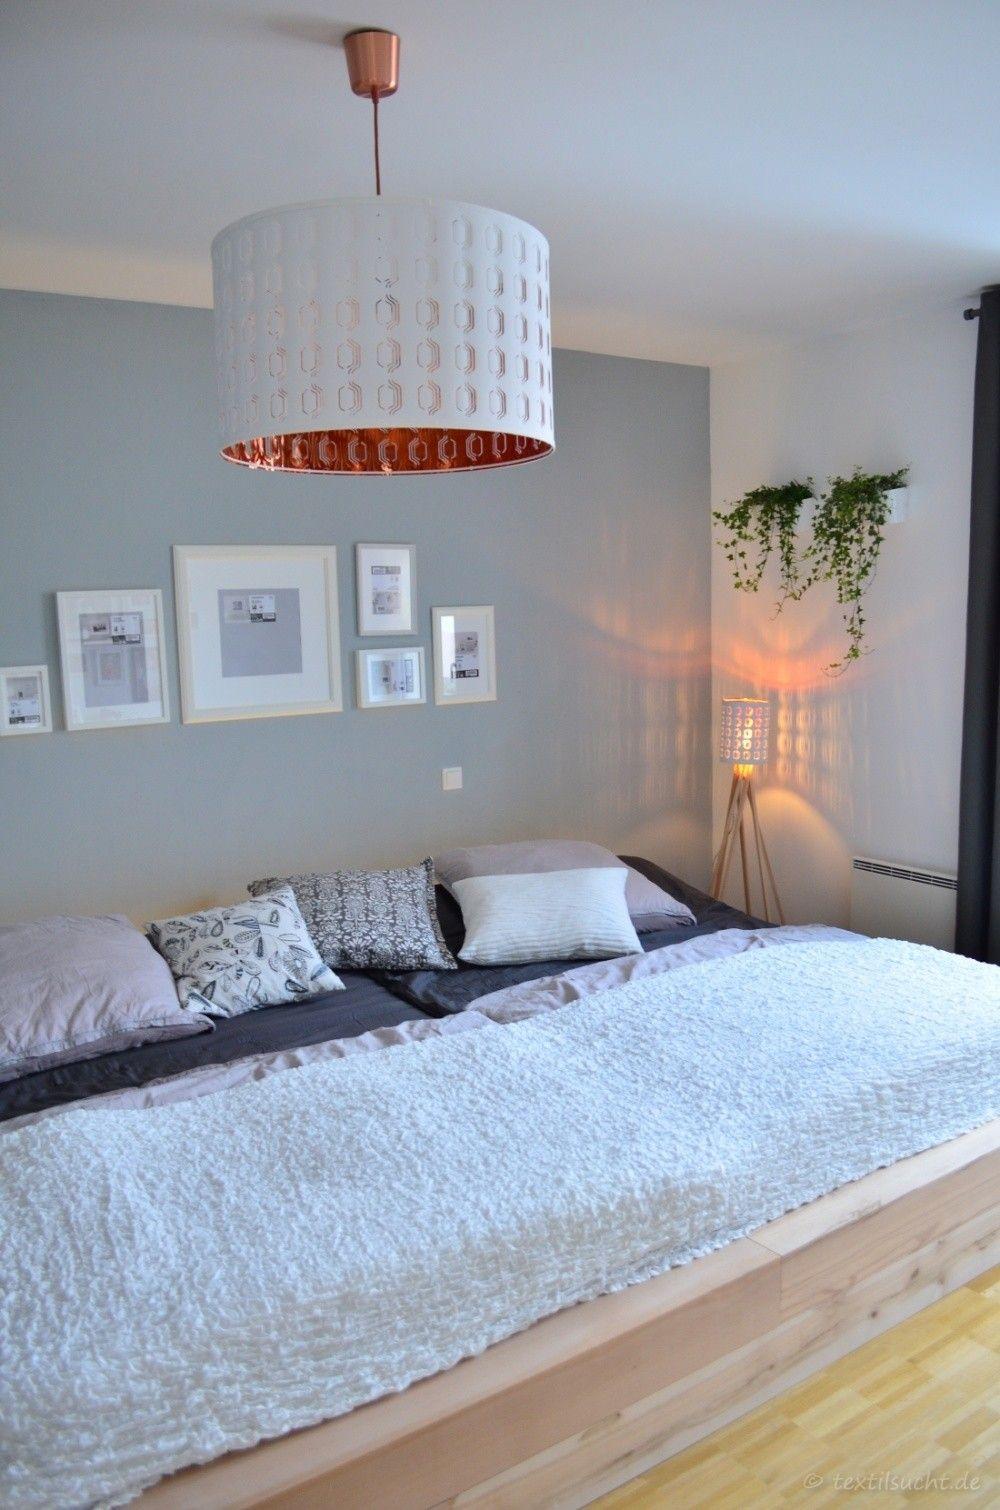 einmal neues schlafzimmer bitte: familienbett bauen - bild 1, Schlafzimmer entwurf